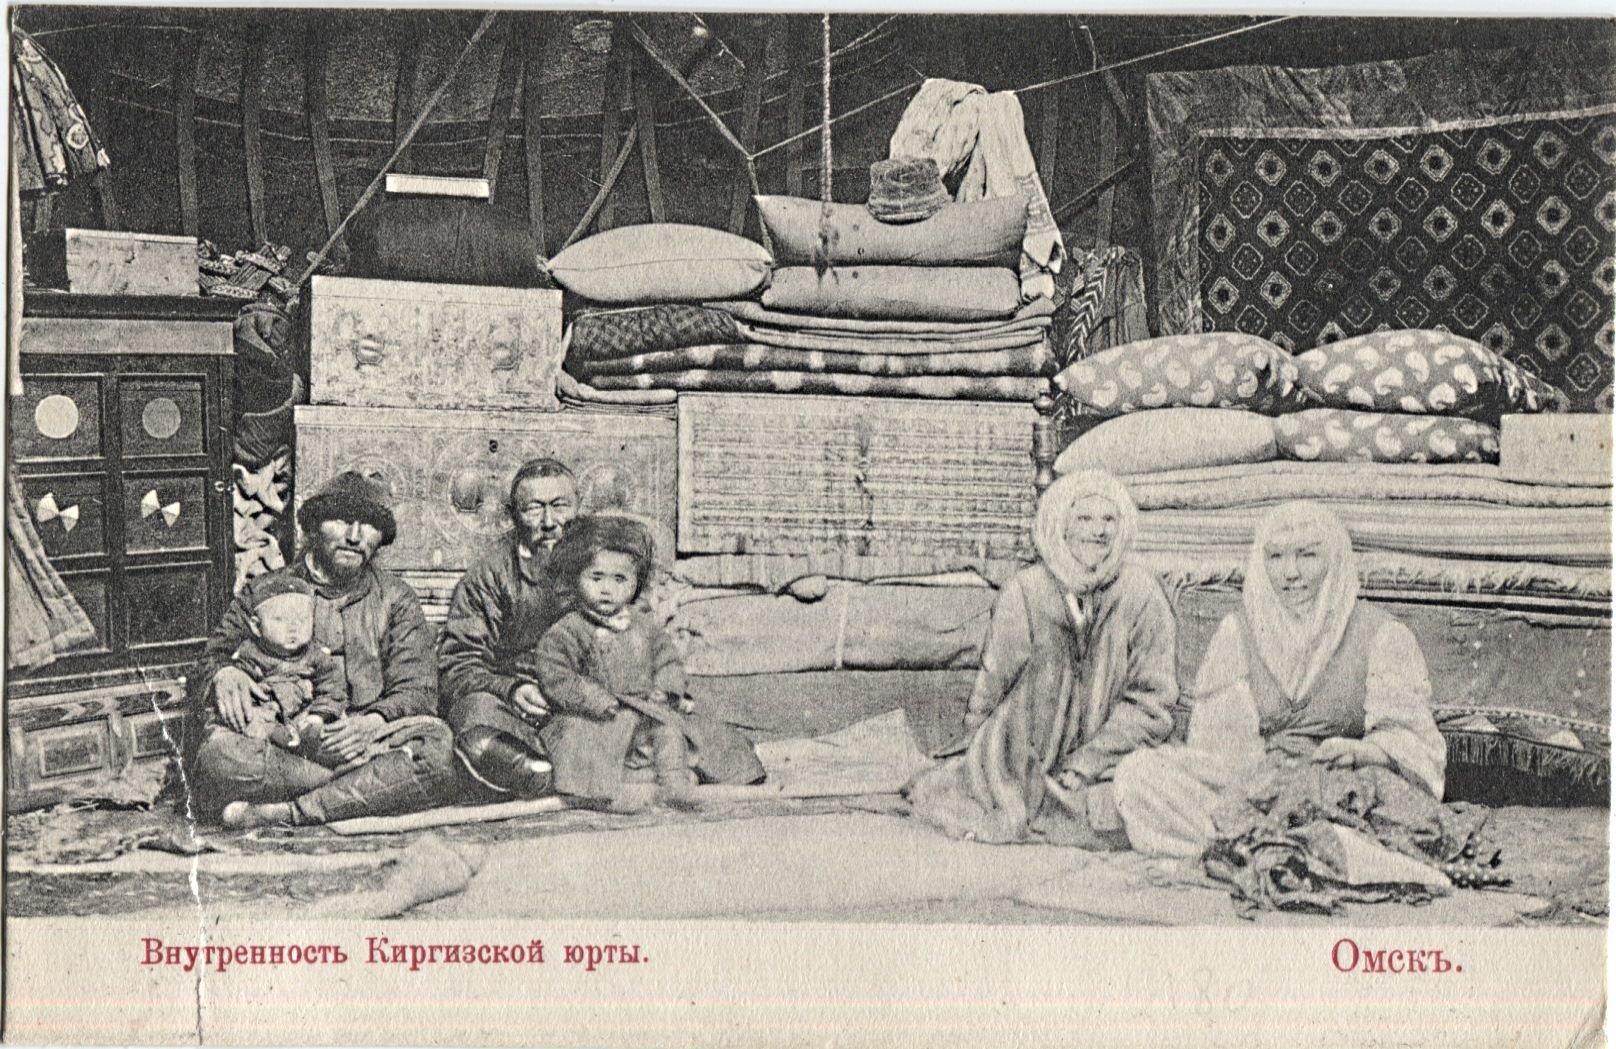 Внутренность киргизской юрты.